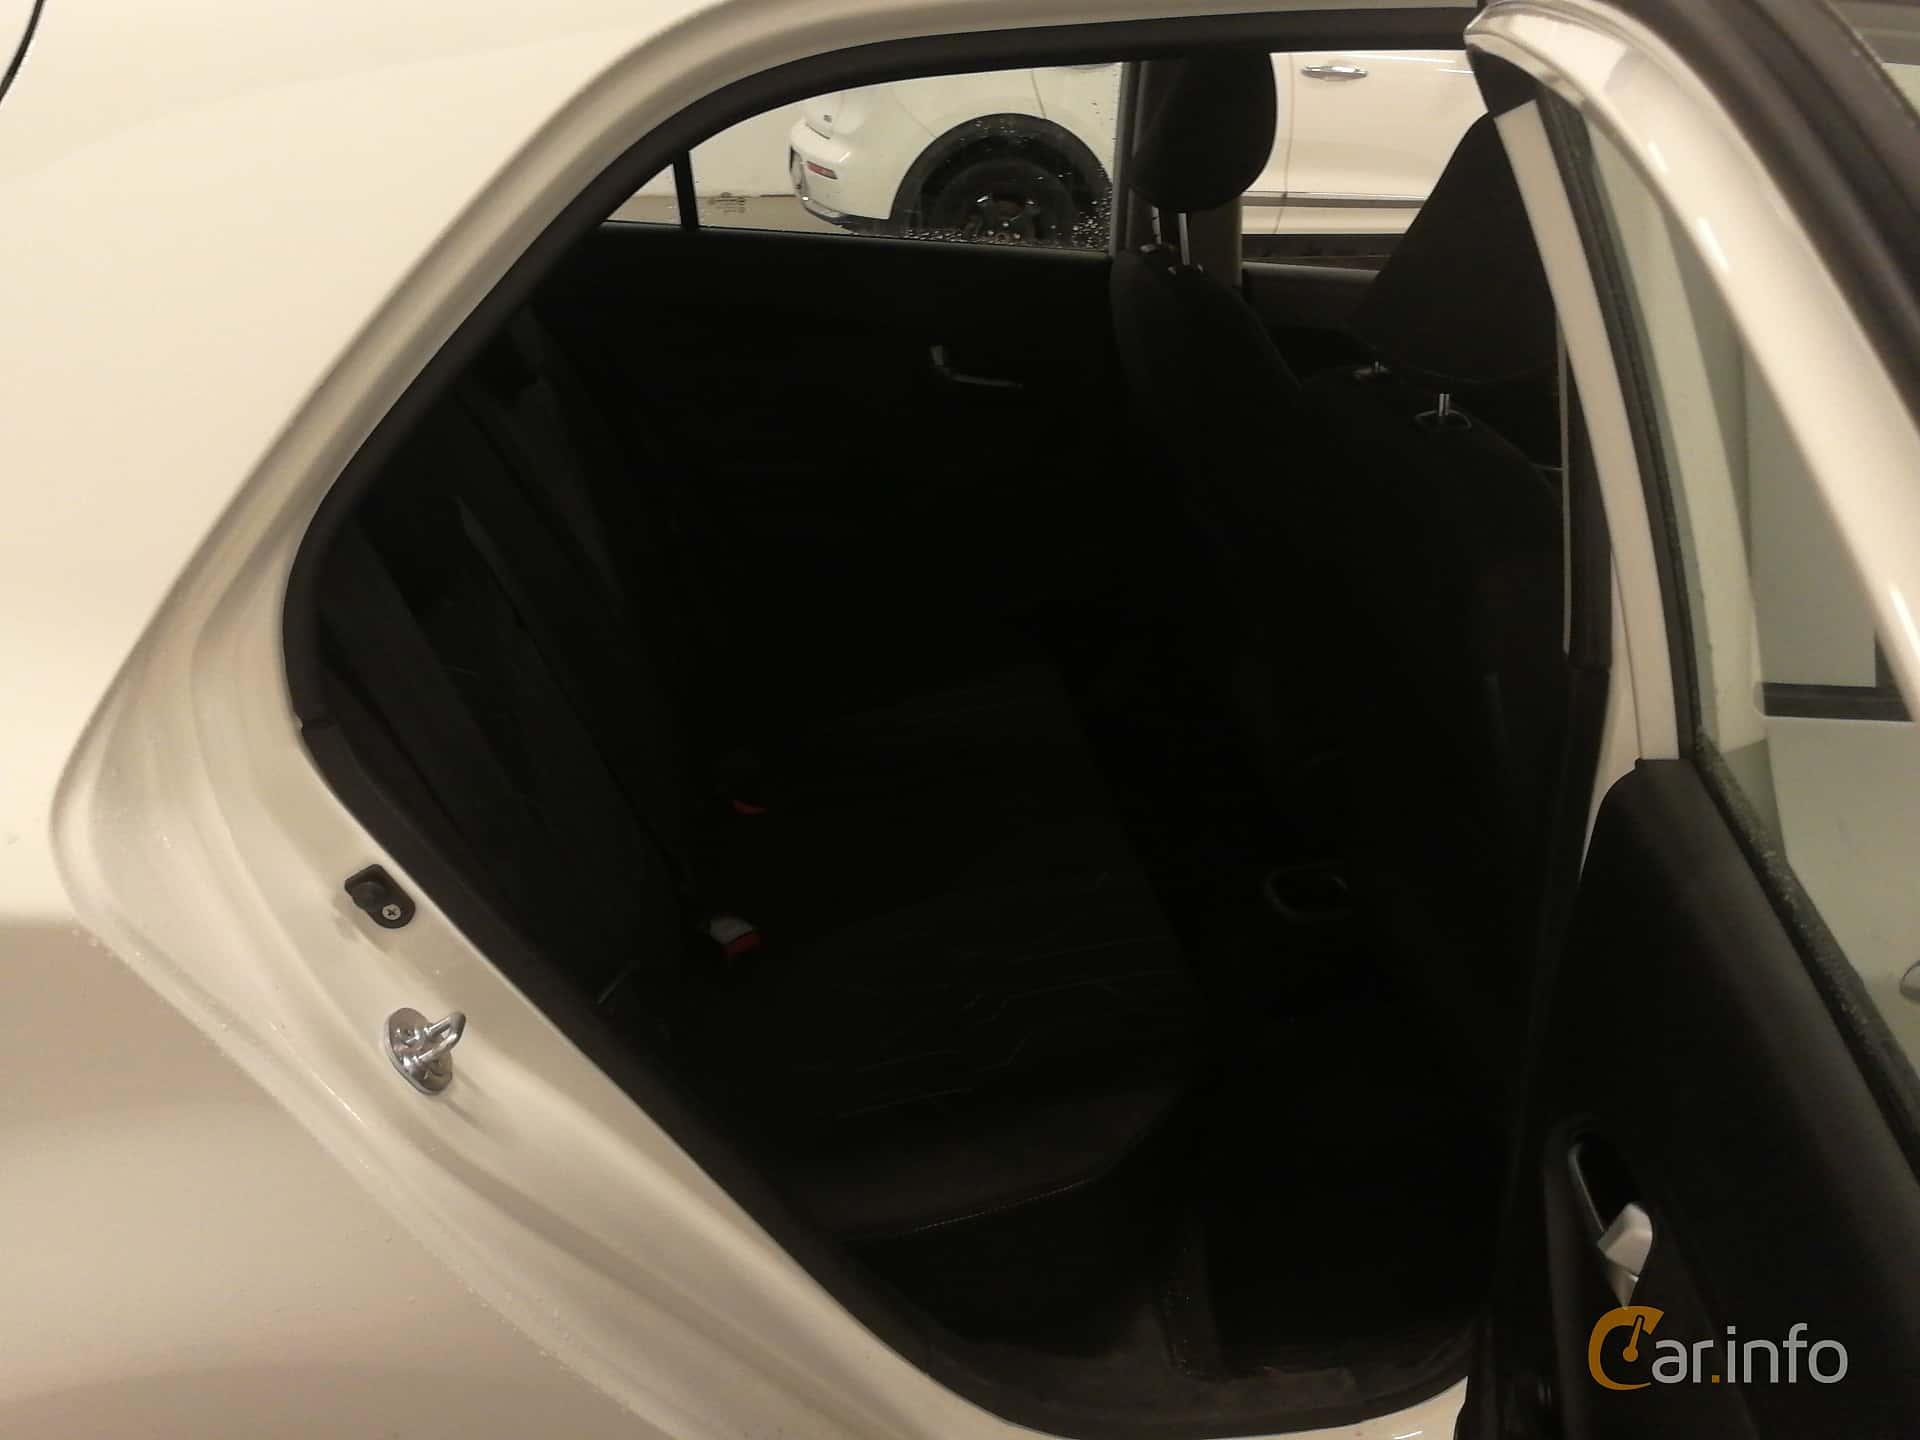 Kia Picanto 5-door 1.0 Manual, 69hp, 2013